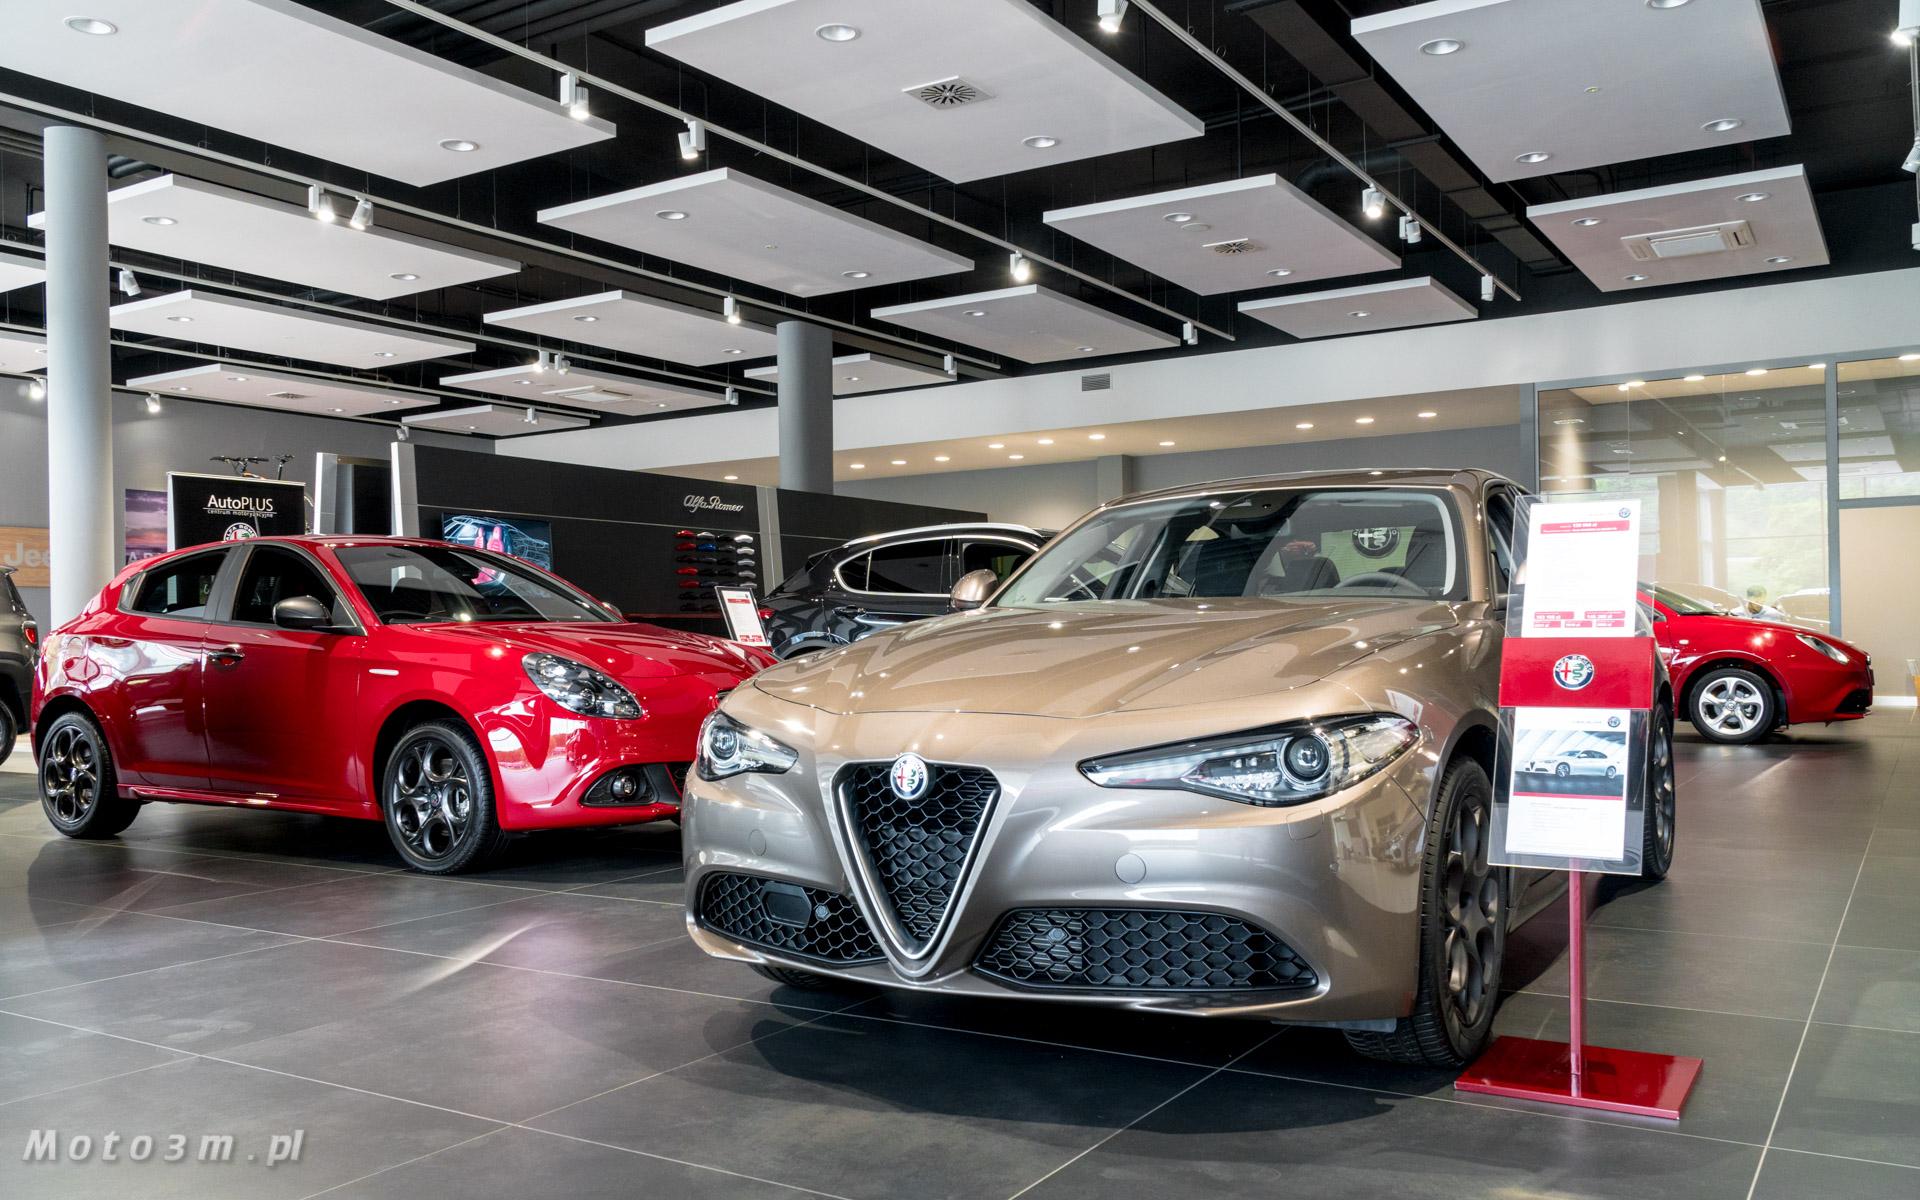 Wideo] Centrum Motoryzacyjne Auto Plus – obchodzi pierwszy rok